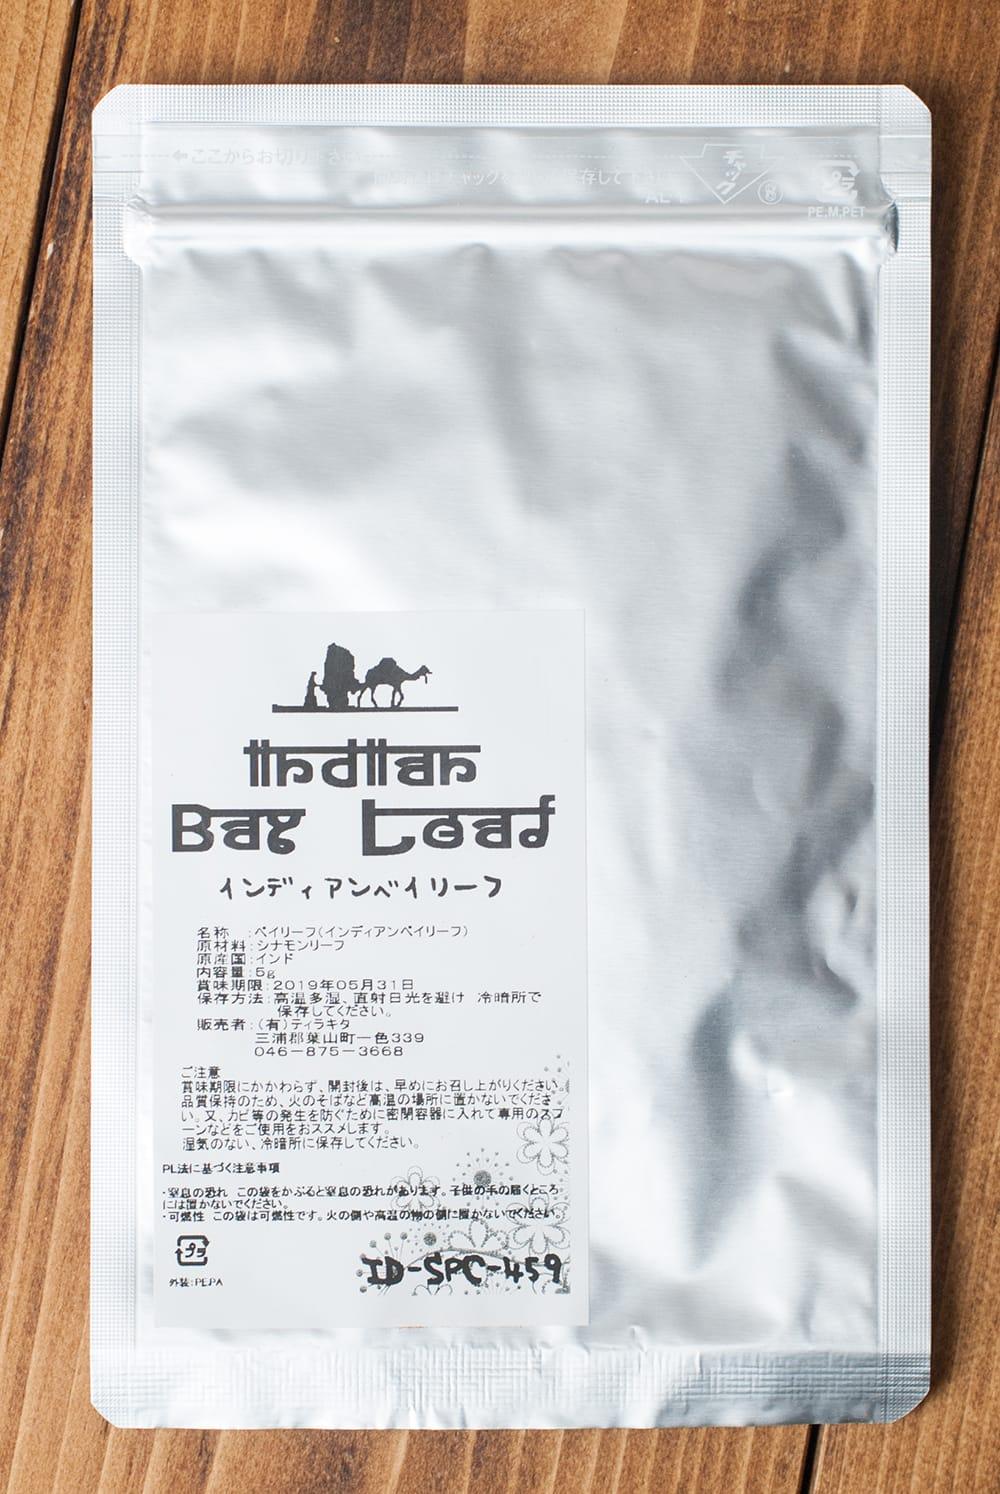 インディアンベイリーフ(シナモンリーフ) 袋入り 【5g】 Bay Leaves 3 - 使いやすいパッケージ入り!